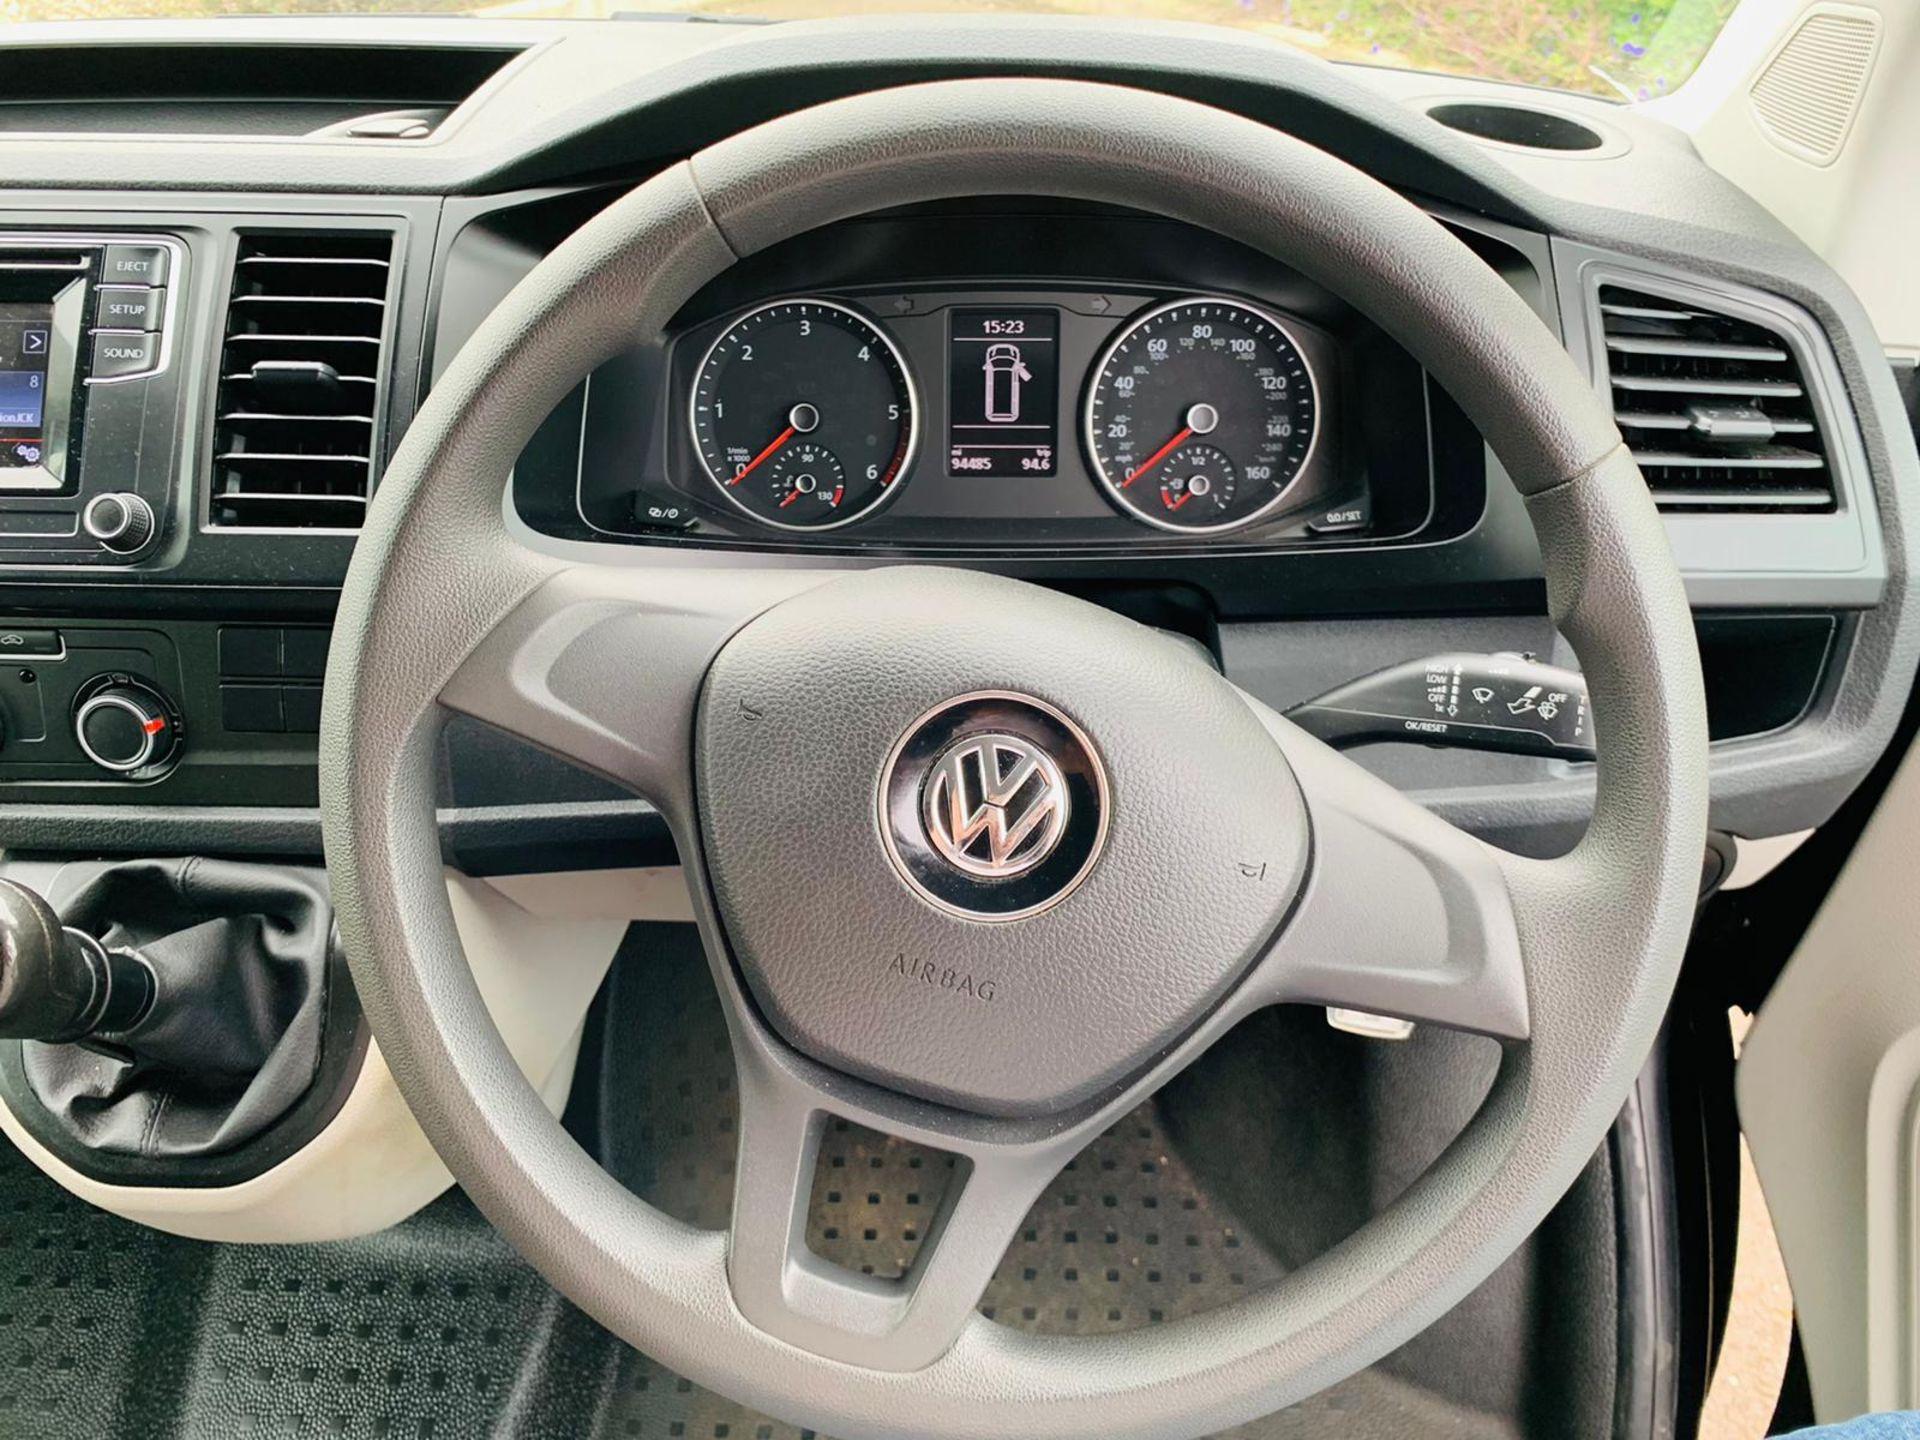 Reserve Met - Volkswagen Transporter T30 2.0 TDI Trendline - 2017 Model - Euro 6 - 1 Owner - Image 13 of 18